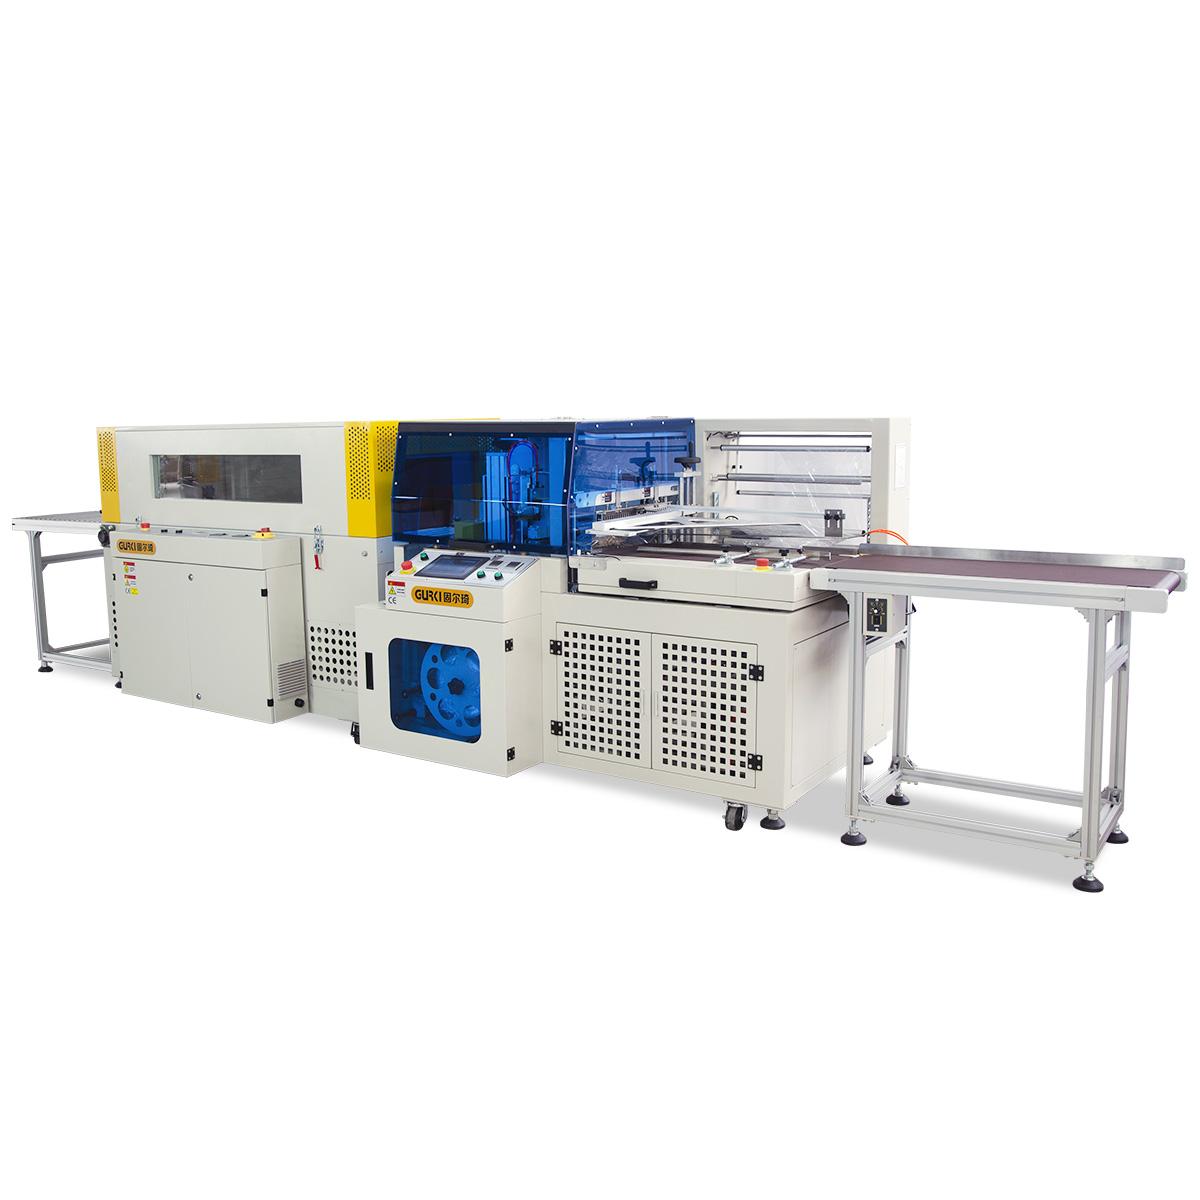 热收缩膜包装机哪个厂家好?热收缩膜包装机厂家大全